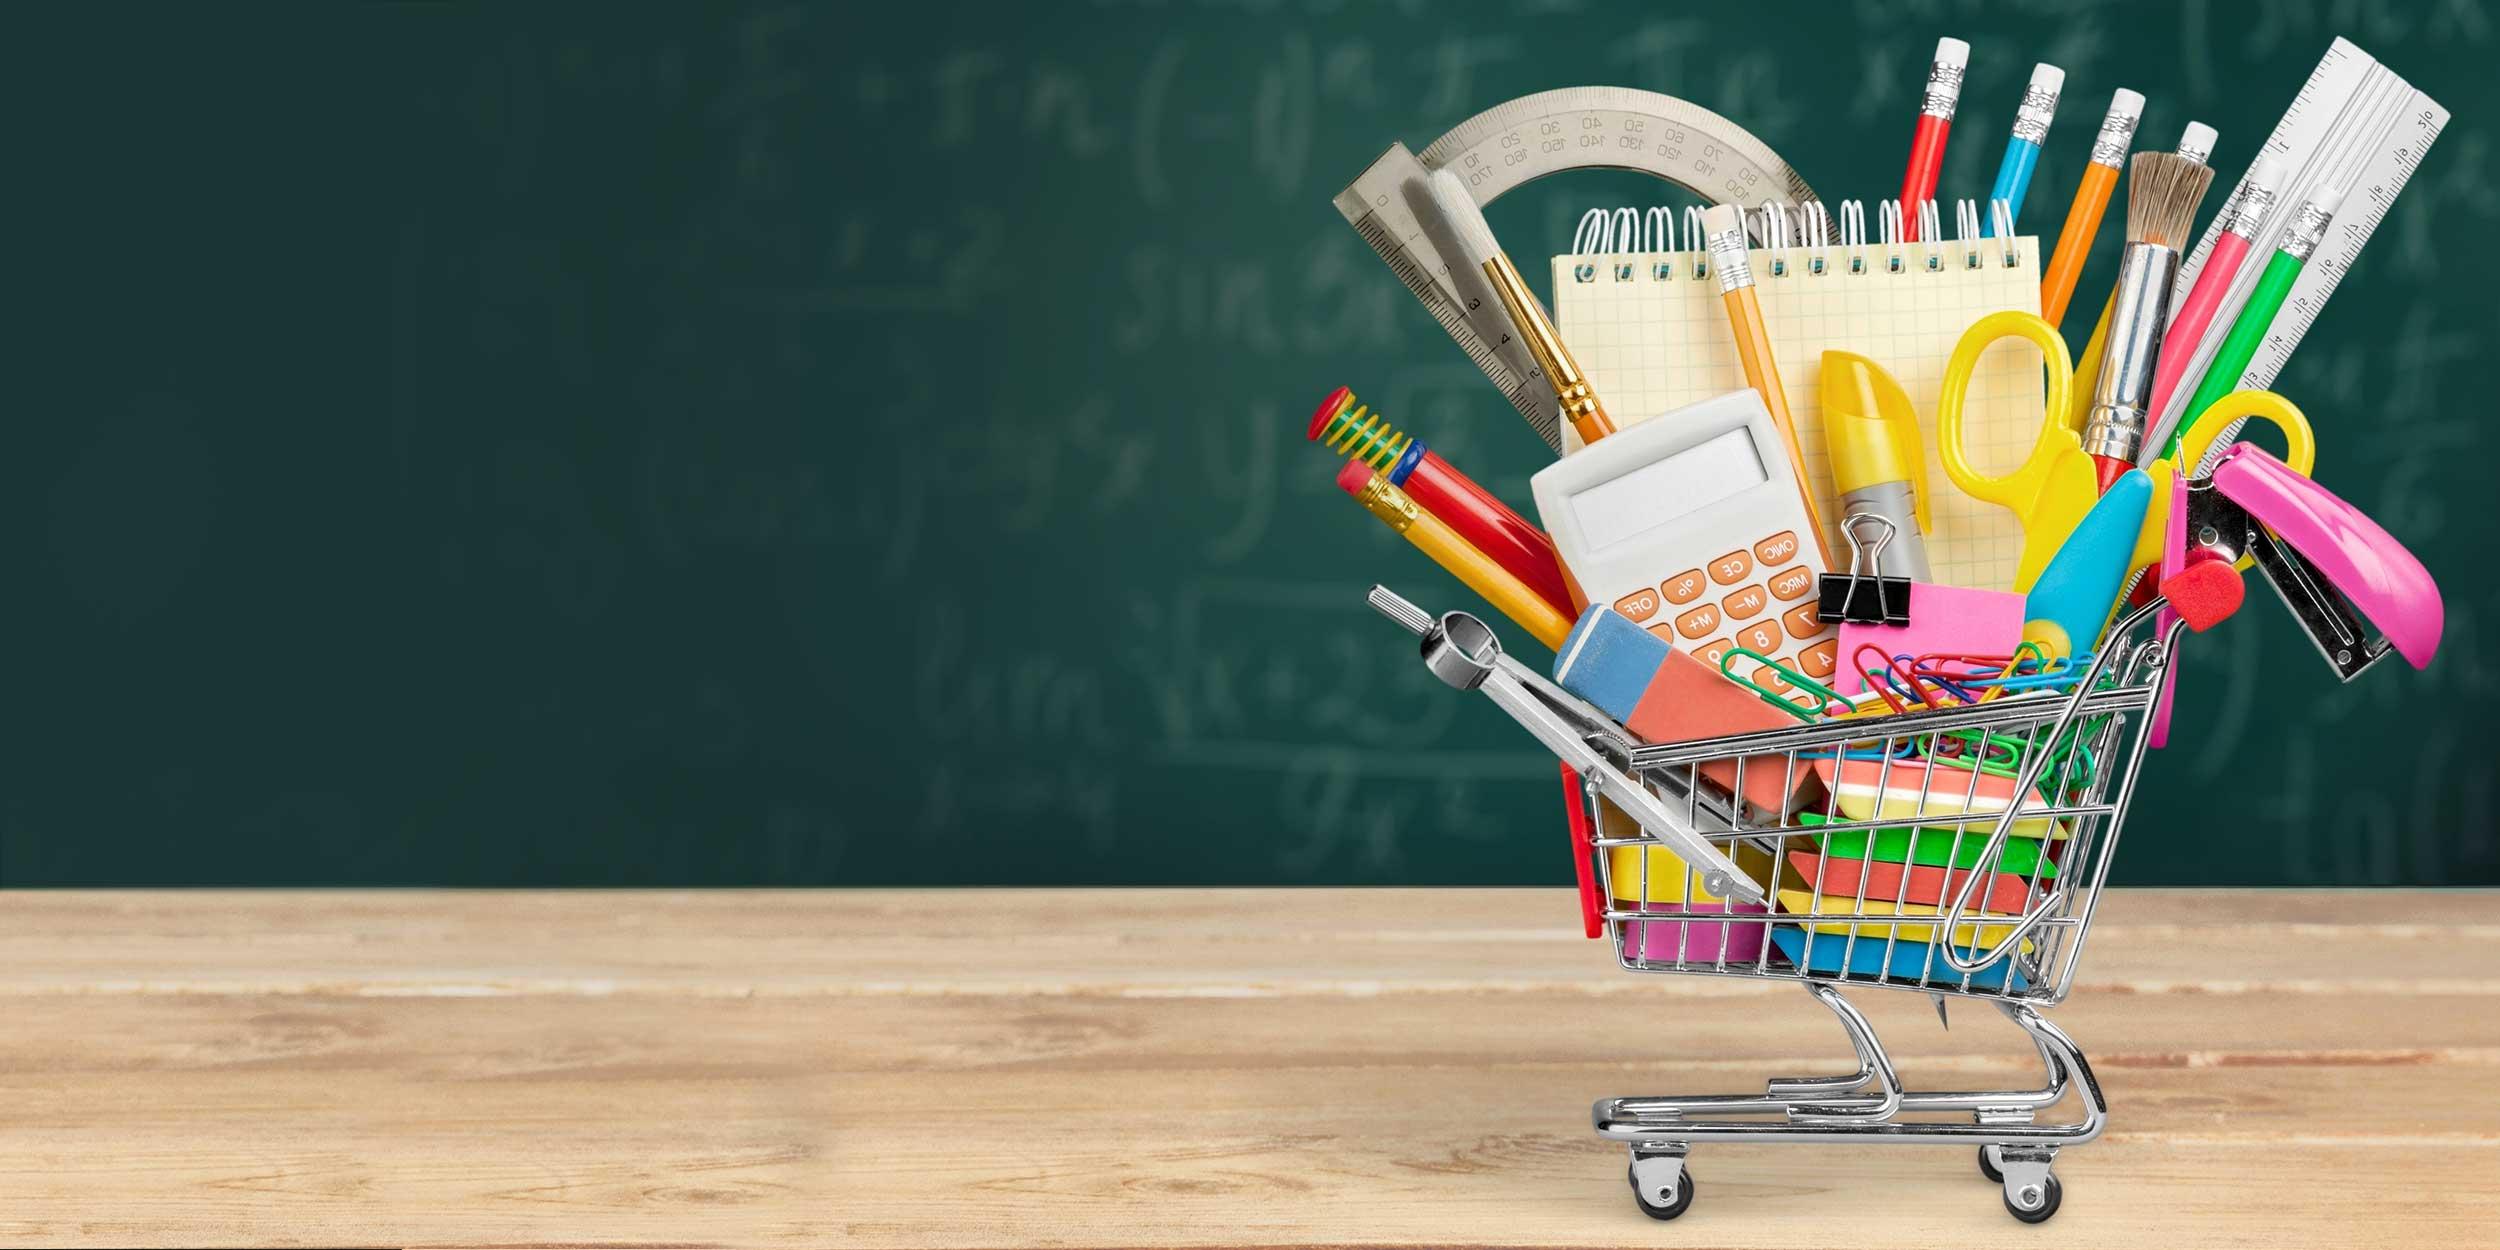 Картинки по запросу Лайфхак: как сэкономить на покупках для школы